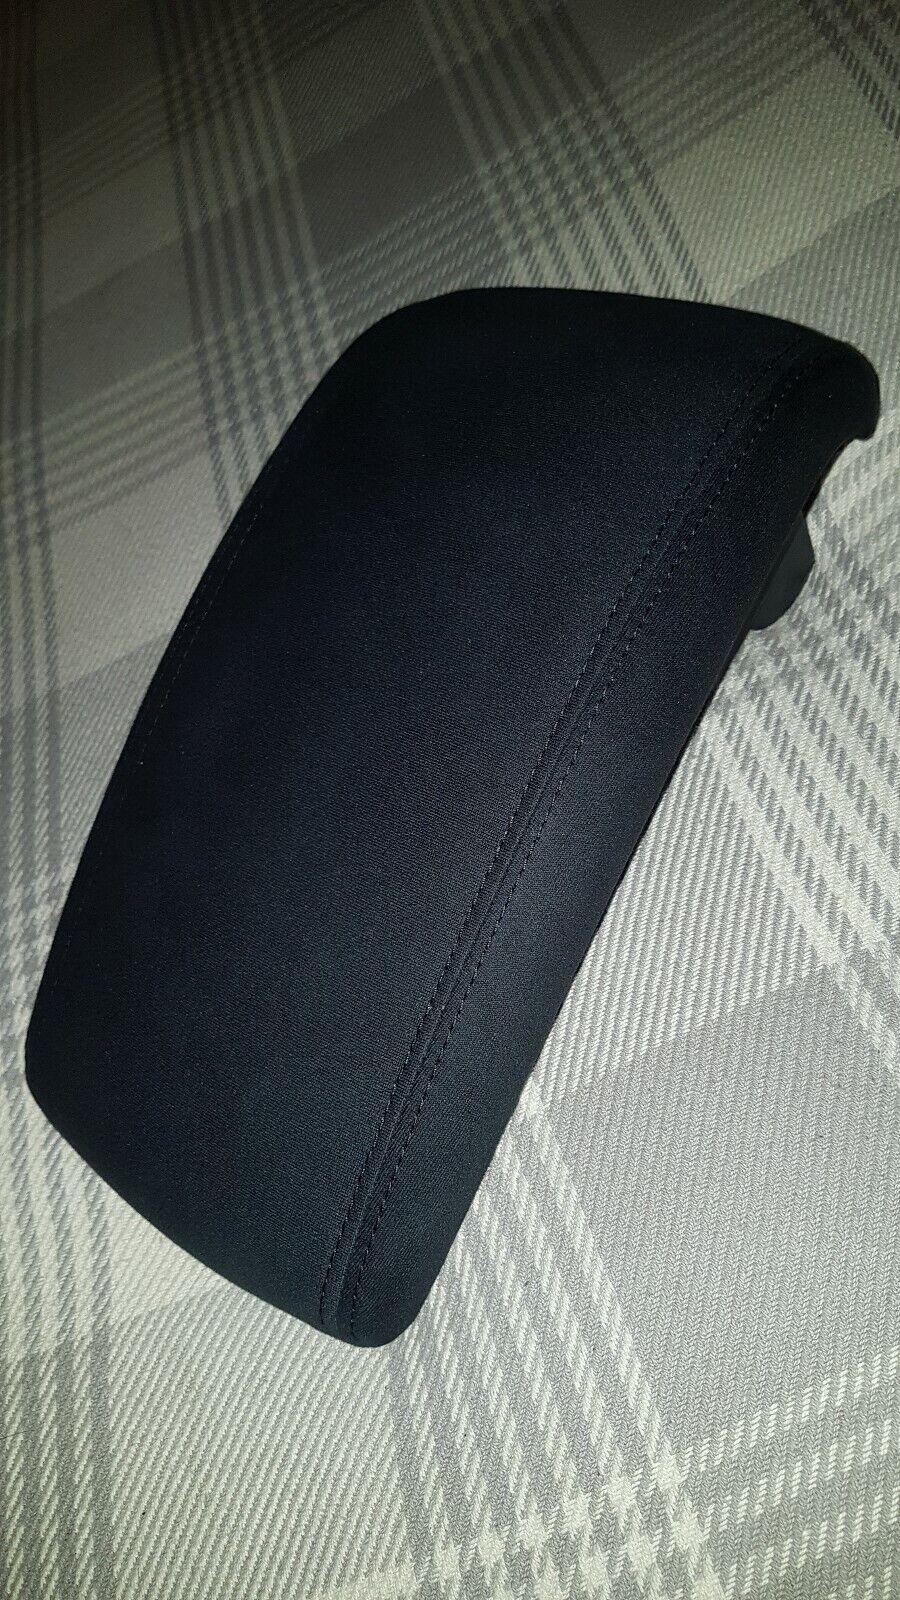 Genuine NISSAN Juke 2014-on Black Leather Armrest with Red Stitching  KE8771K3RE